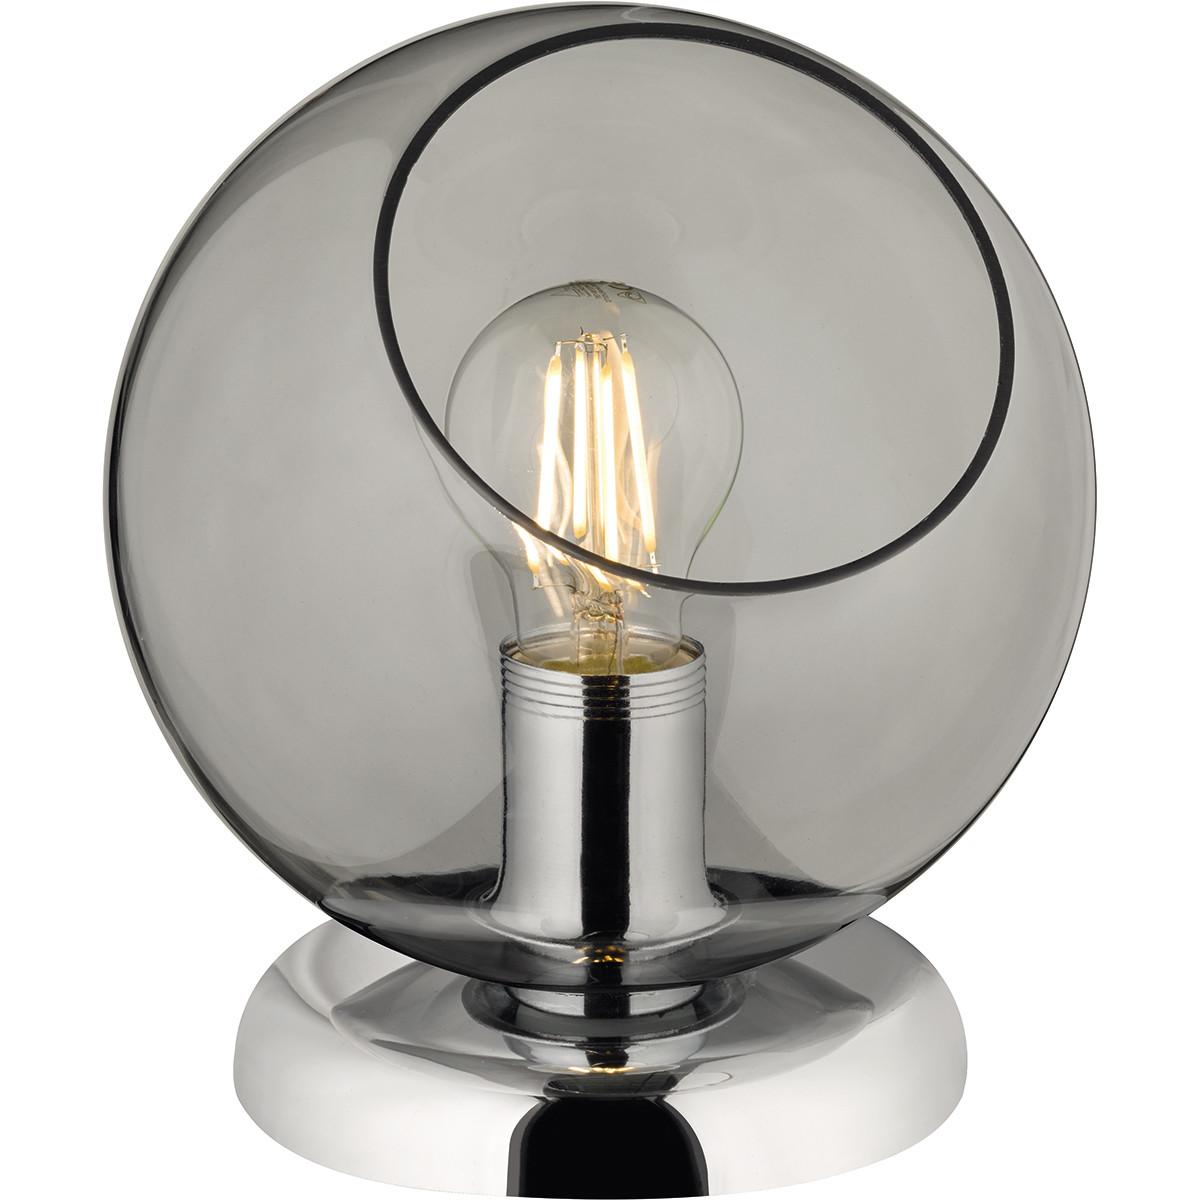 LED Tafellamp - Tafelverlichting - Trion Klino - E27 Fitting - Rond - Mat Chroom Rookkleur - Alumini